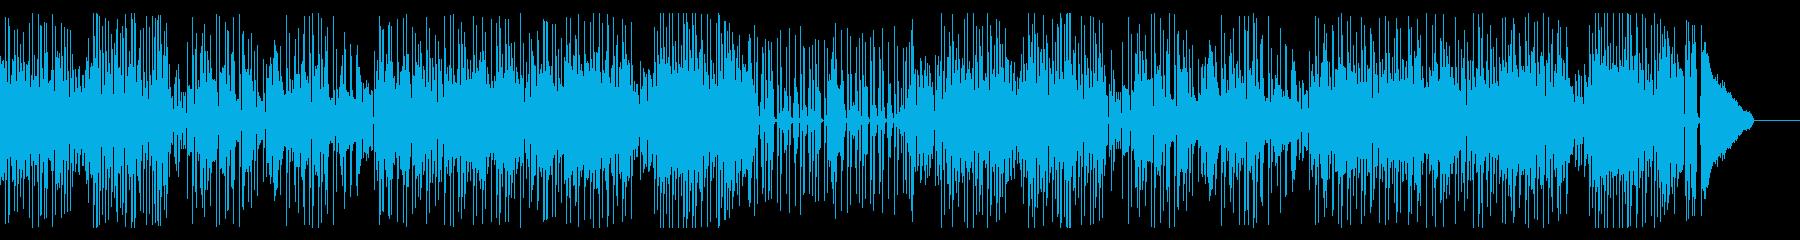 和風でほのぼの、ミディアムテンポの再生済みの波形